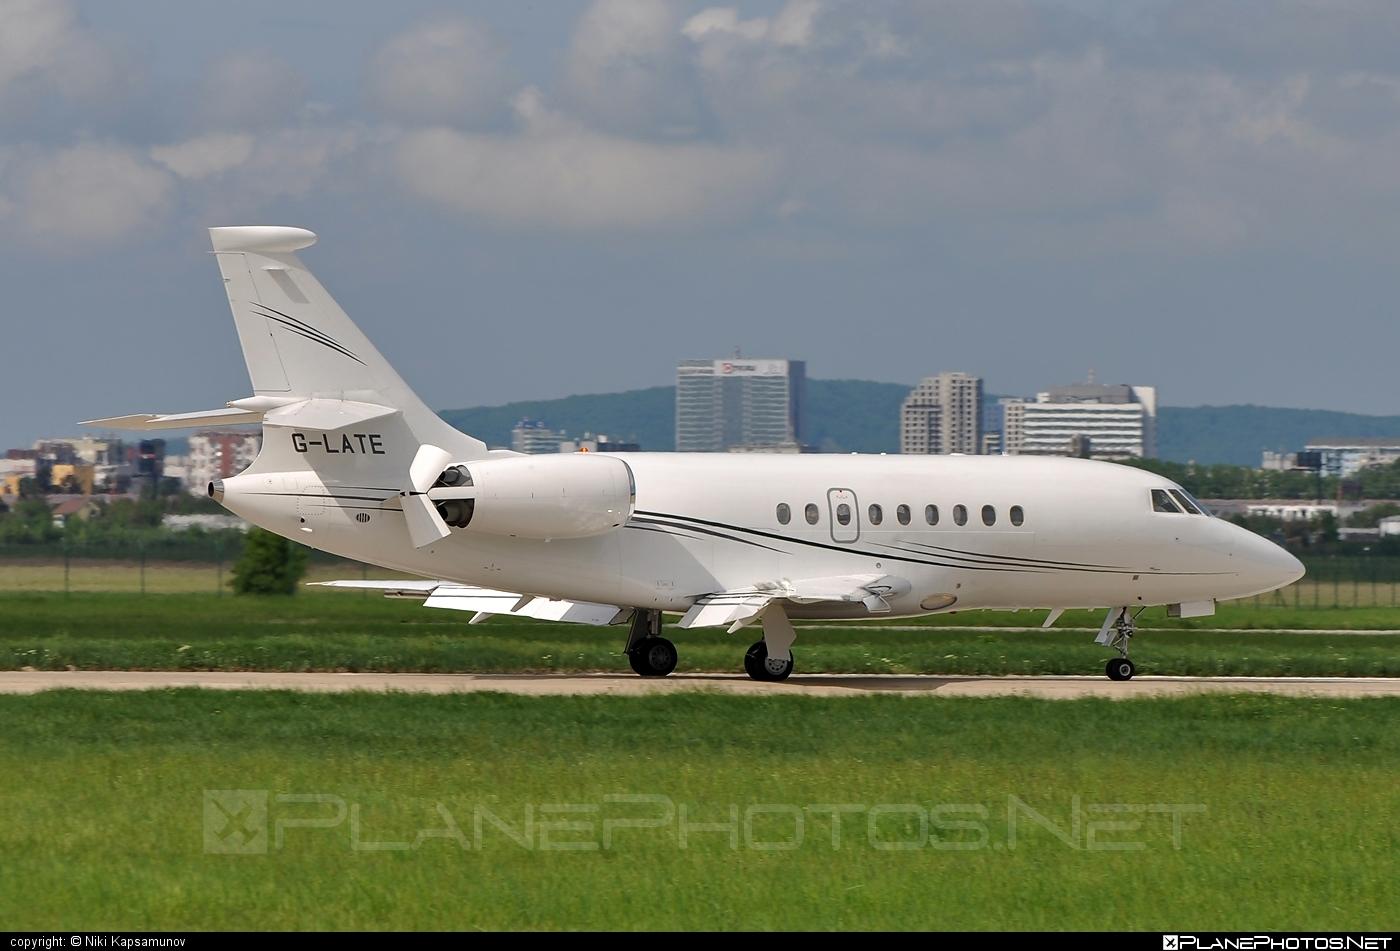 Dassault Falcon 2000EX - G-LATE operated by Hangar 8 #dassault #dassaultfalcon #dassaultfalcon2000 #dassaultfalcon2000ex #falcon2000 #falcon2000ex